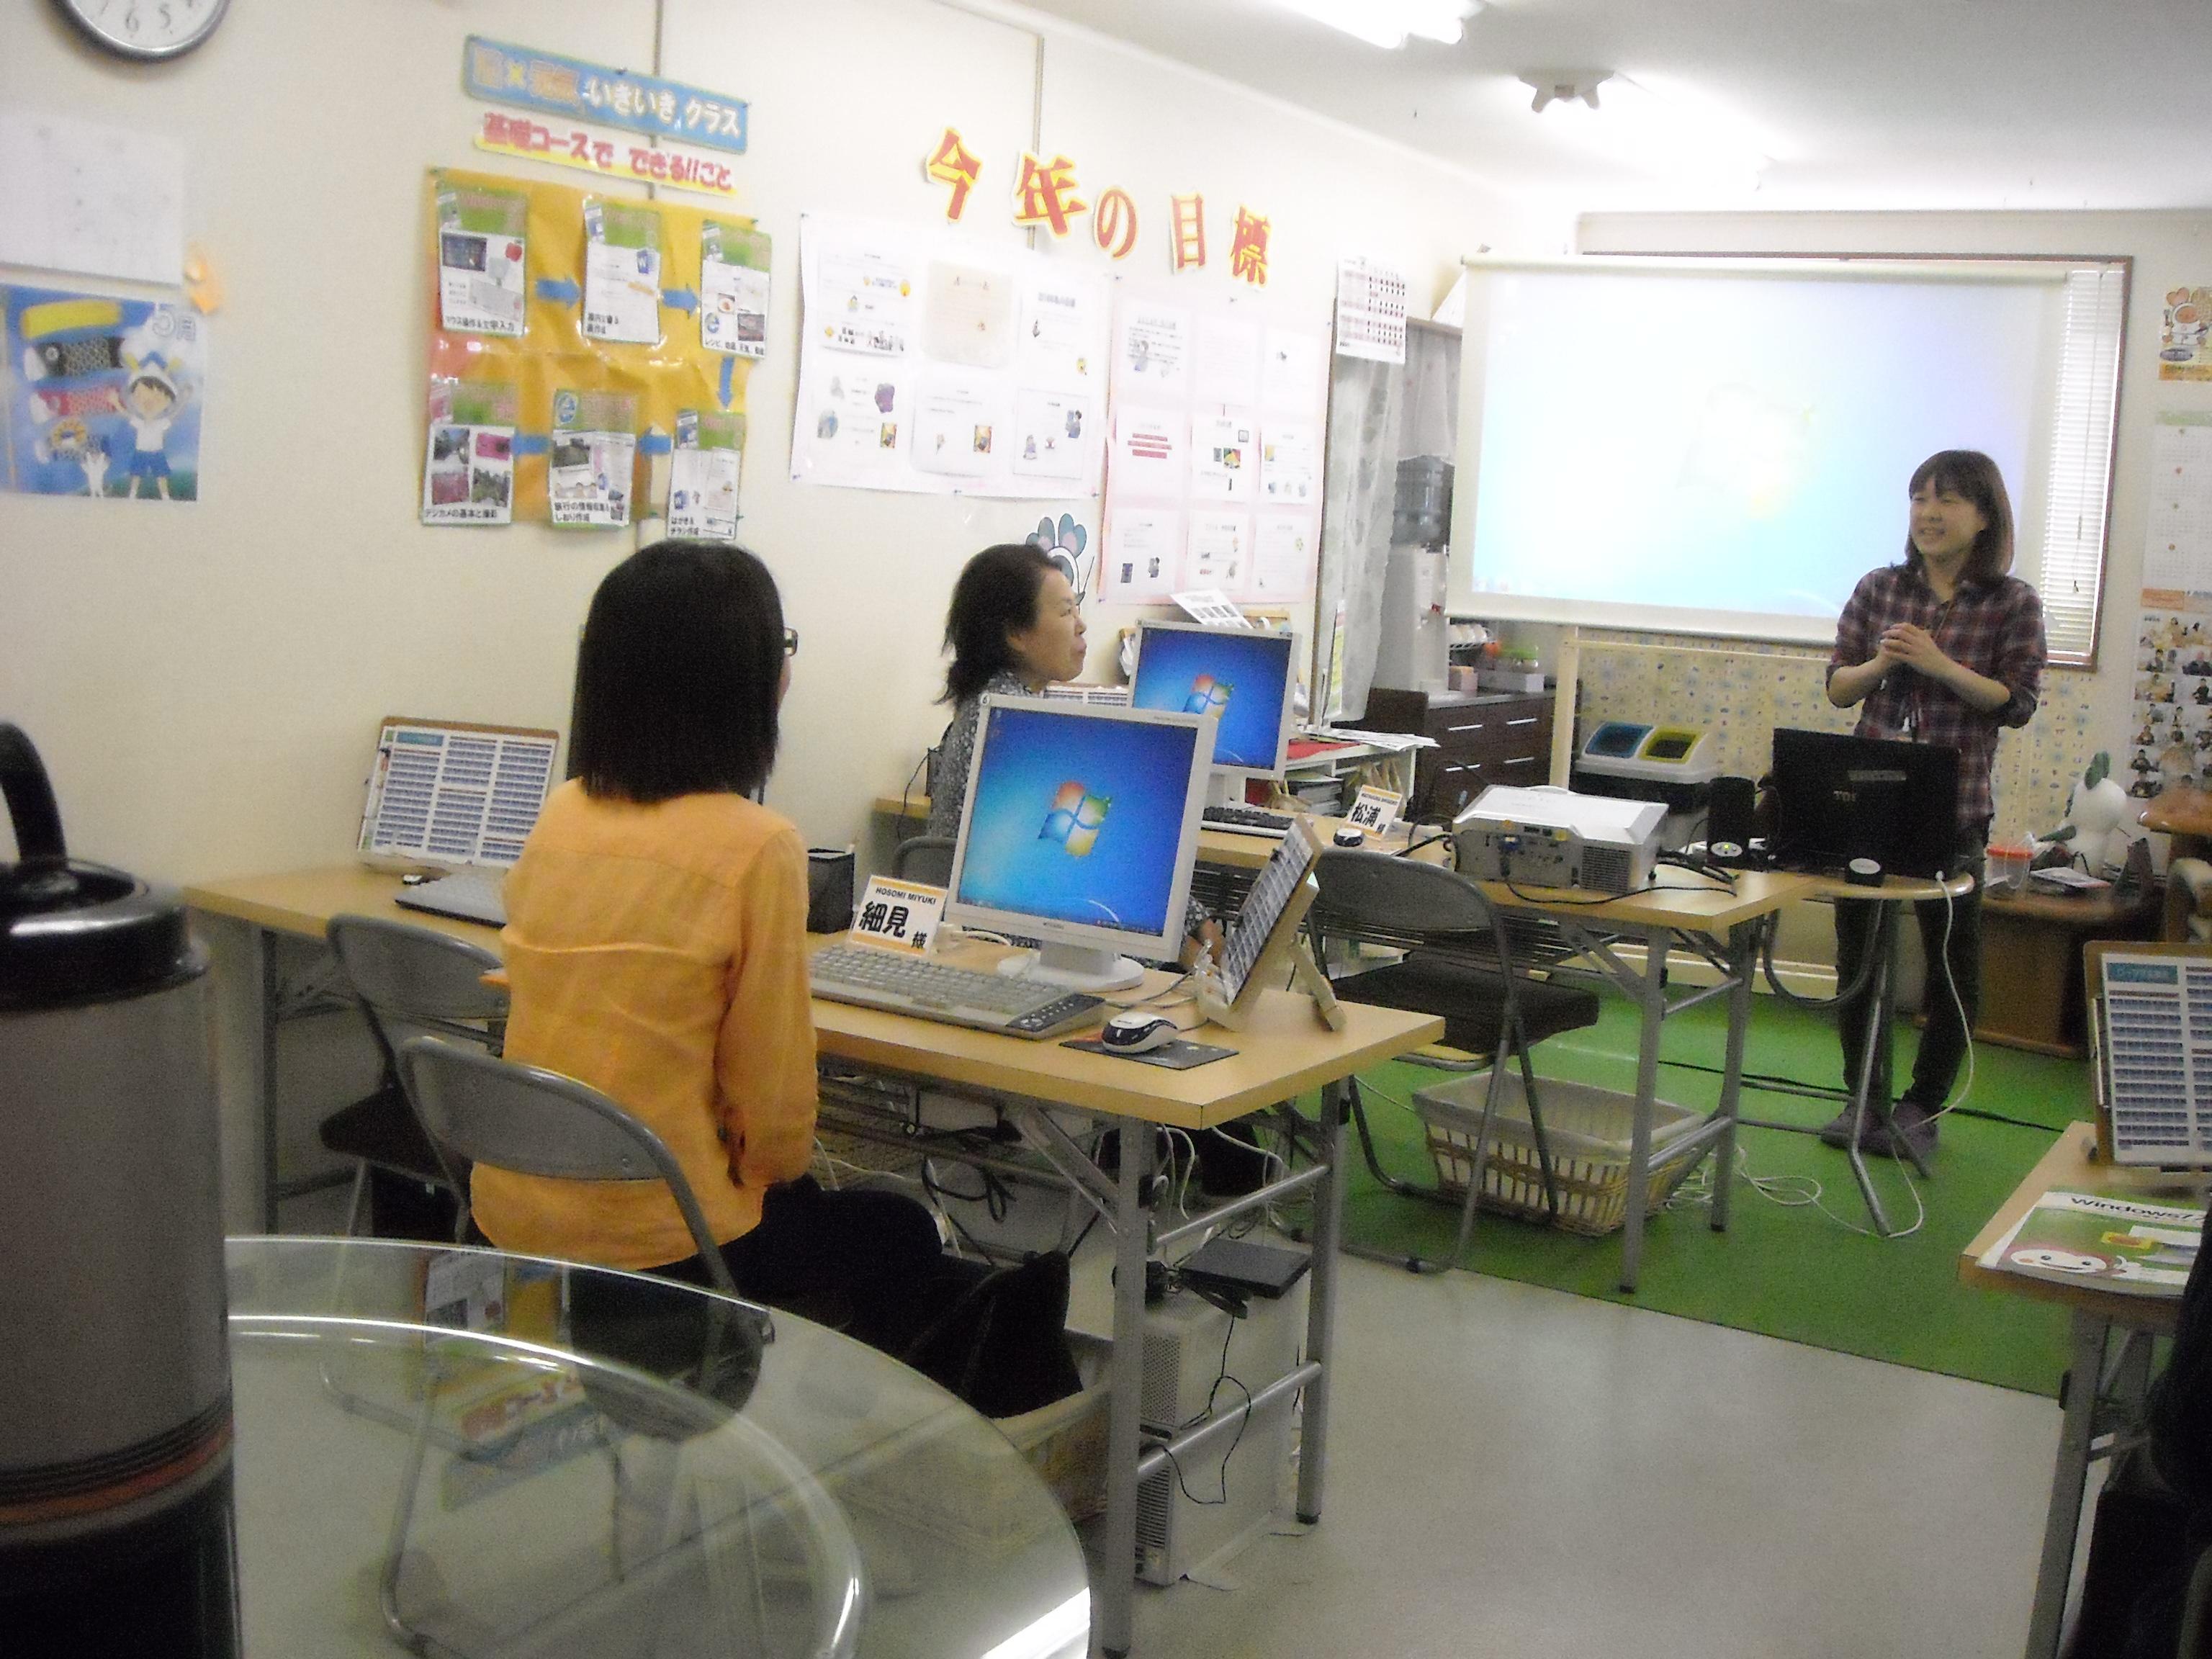 NHKあさイチで見た認知症予防のこれがおもしろい(@_@;)